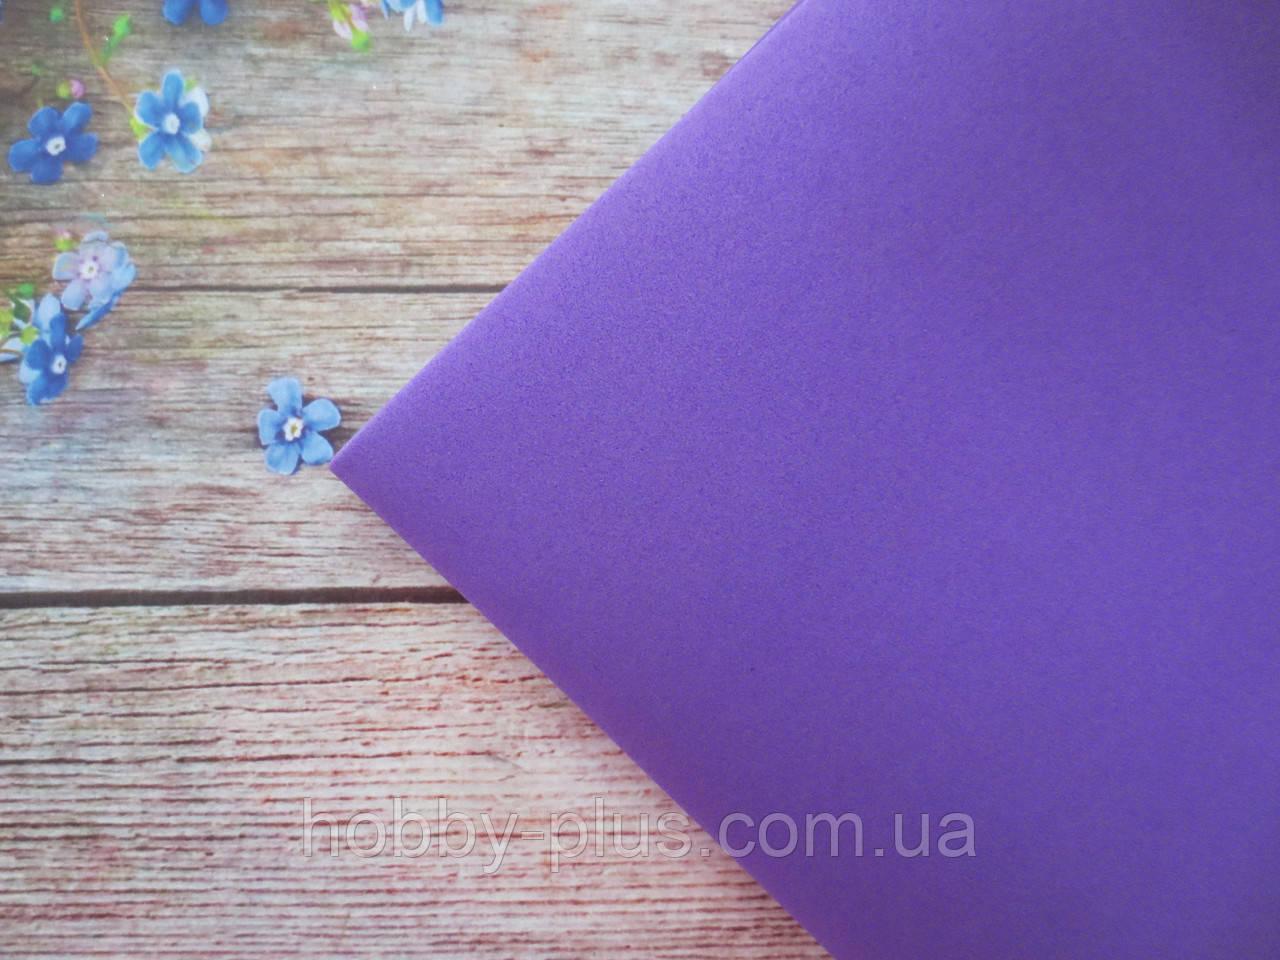 Фоамиран 1 мм, 50х50 см, цвет НАСЫЩЕННЫЙ ФИОЛЕТОВЫЙ